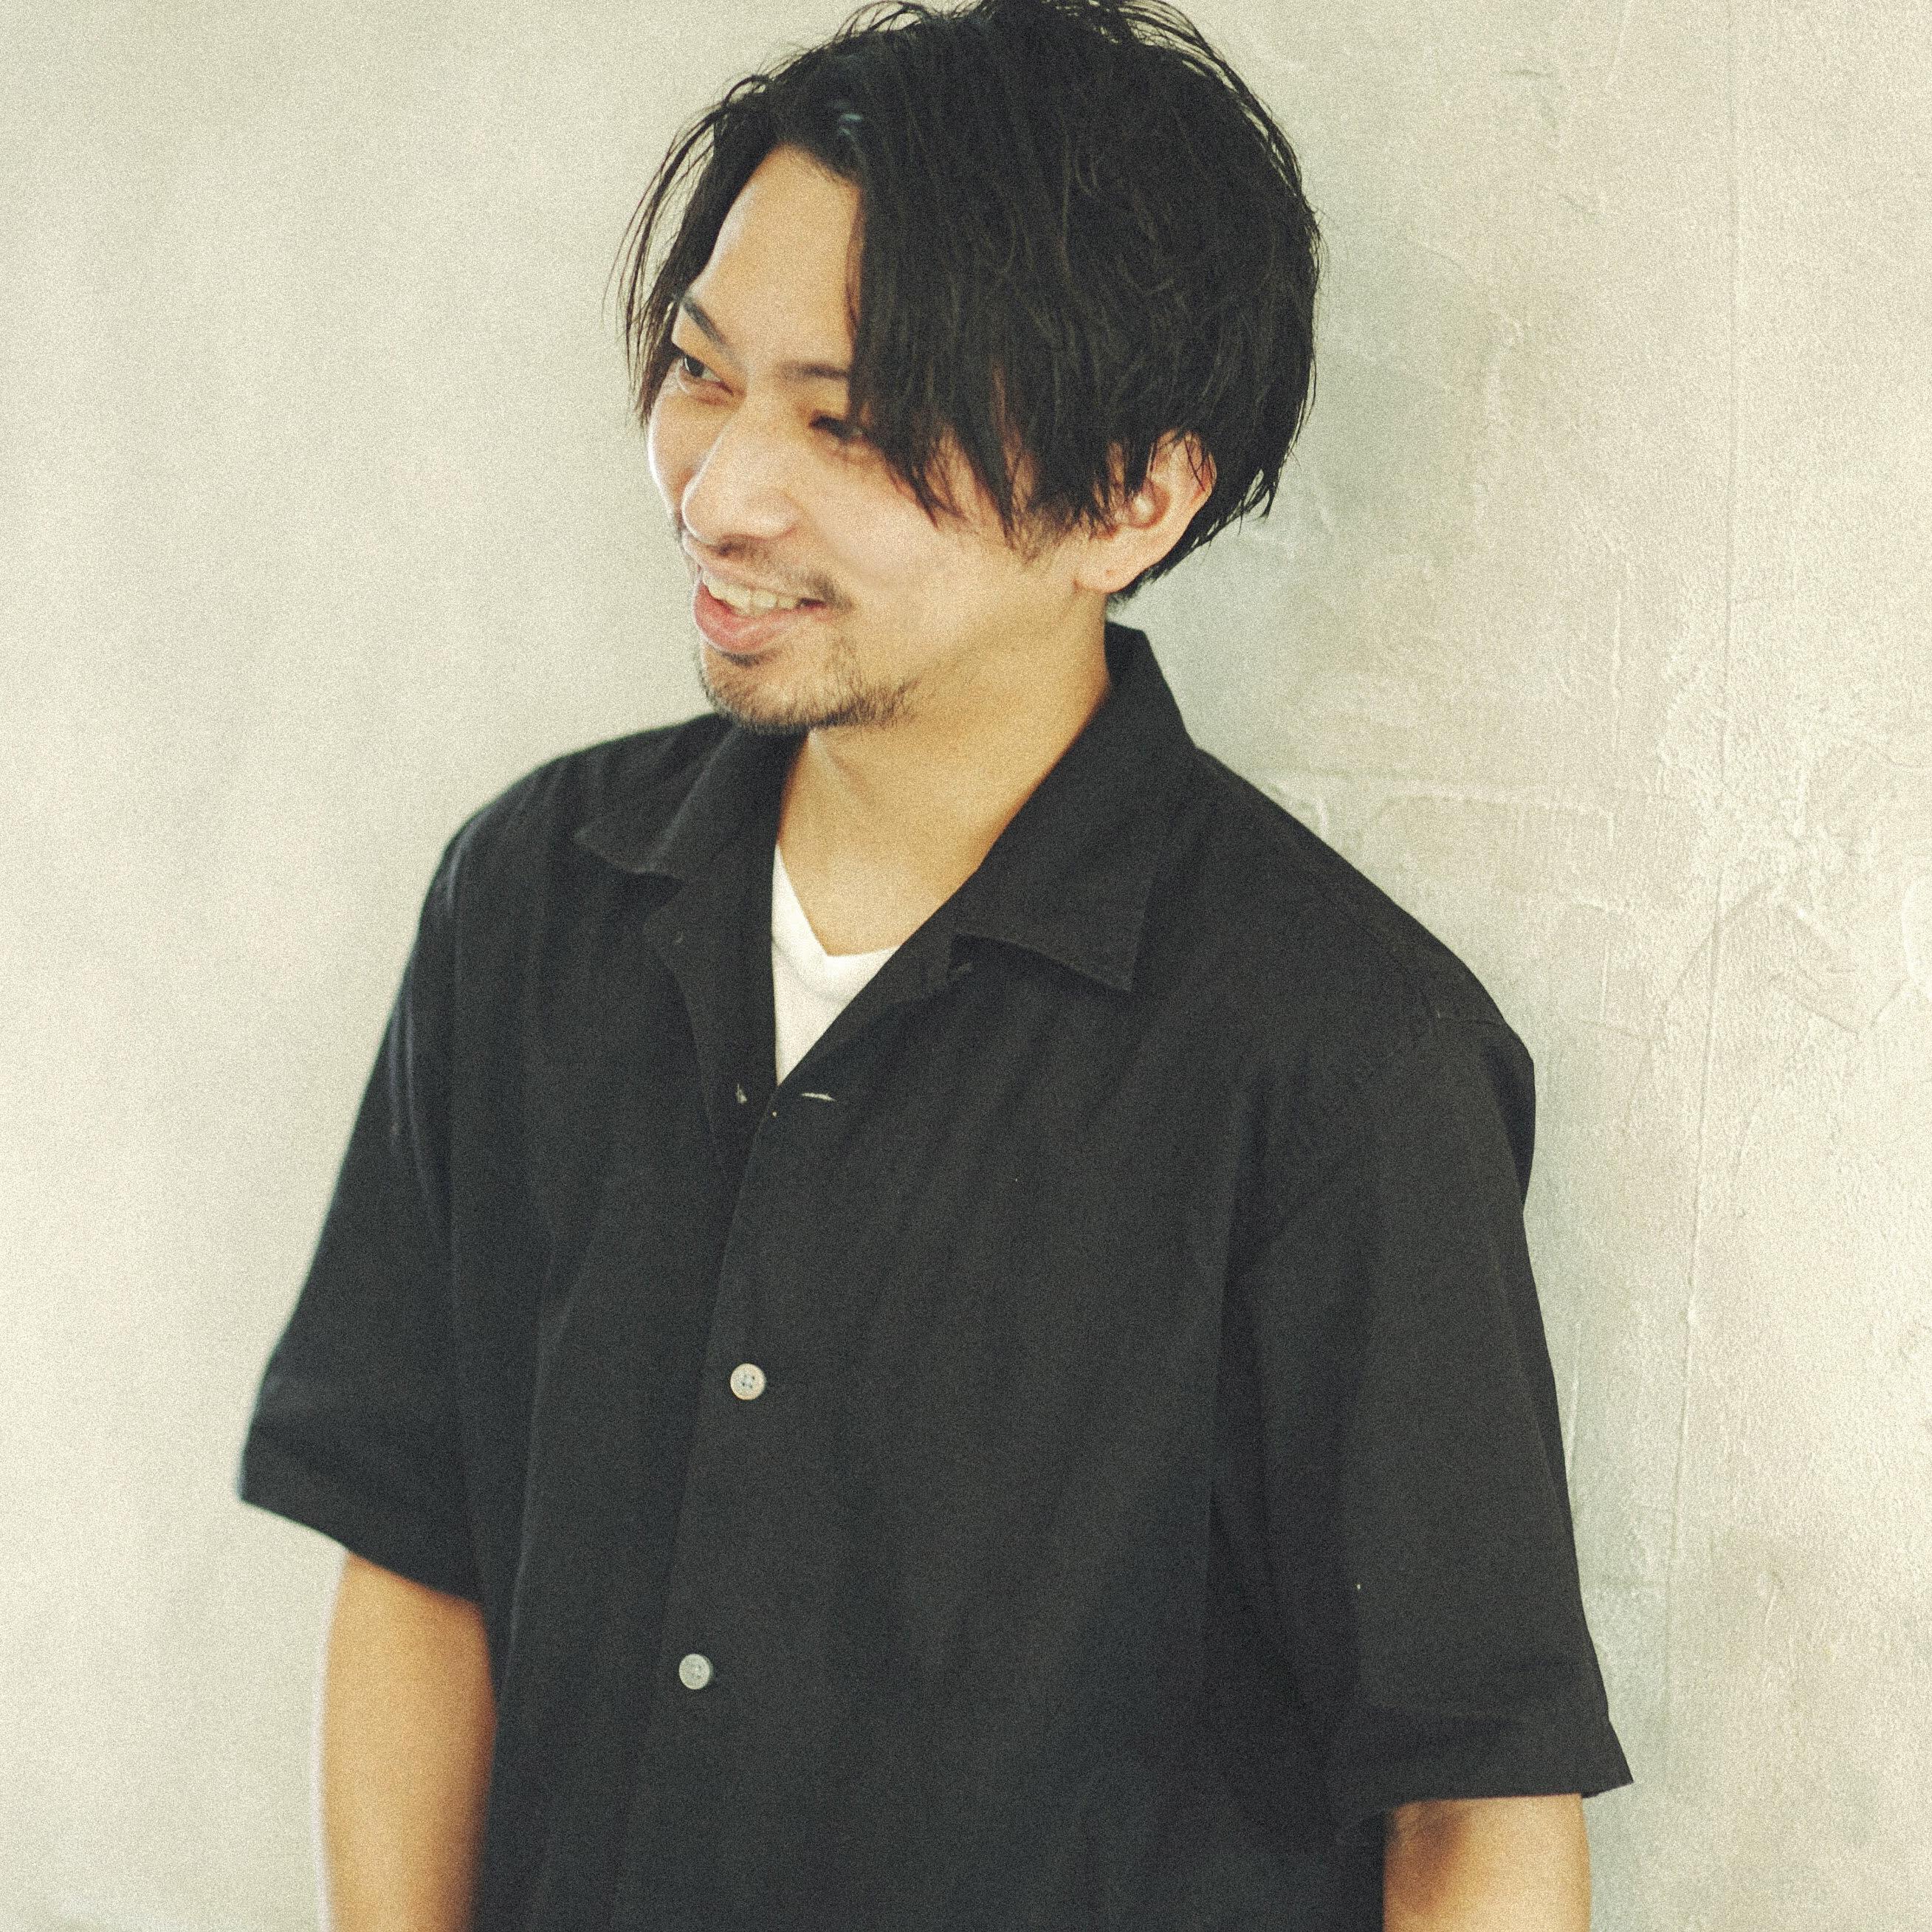 朝倉 大樹(髪質改善おじさん)